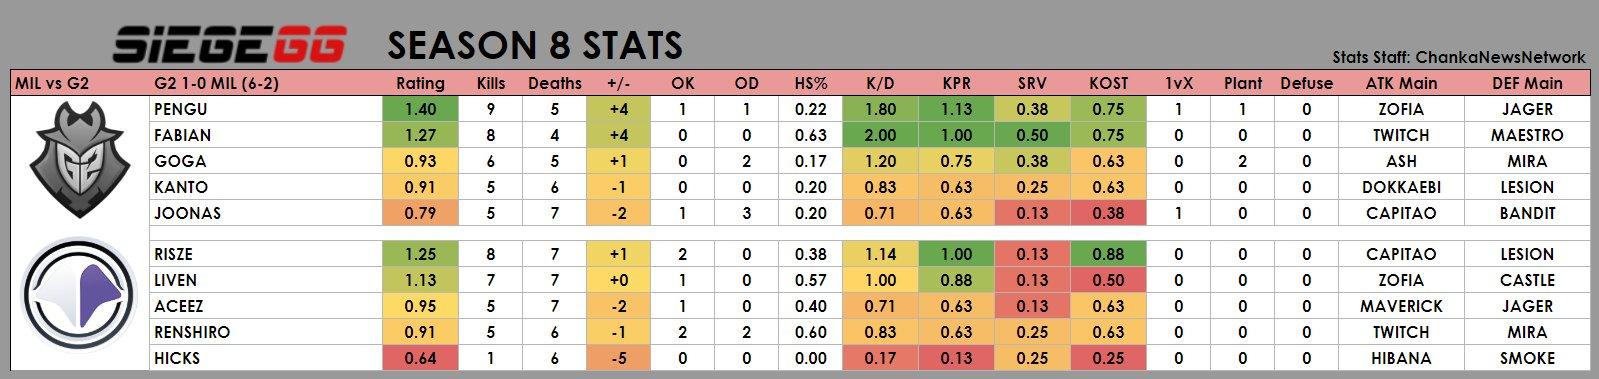 Statistics for the G2 vs Millenium game